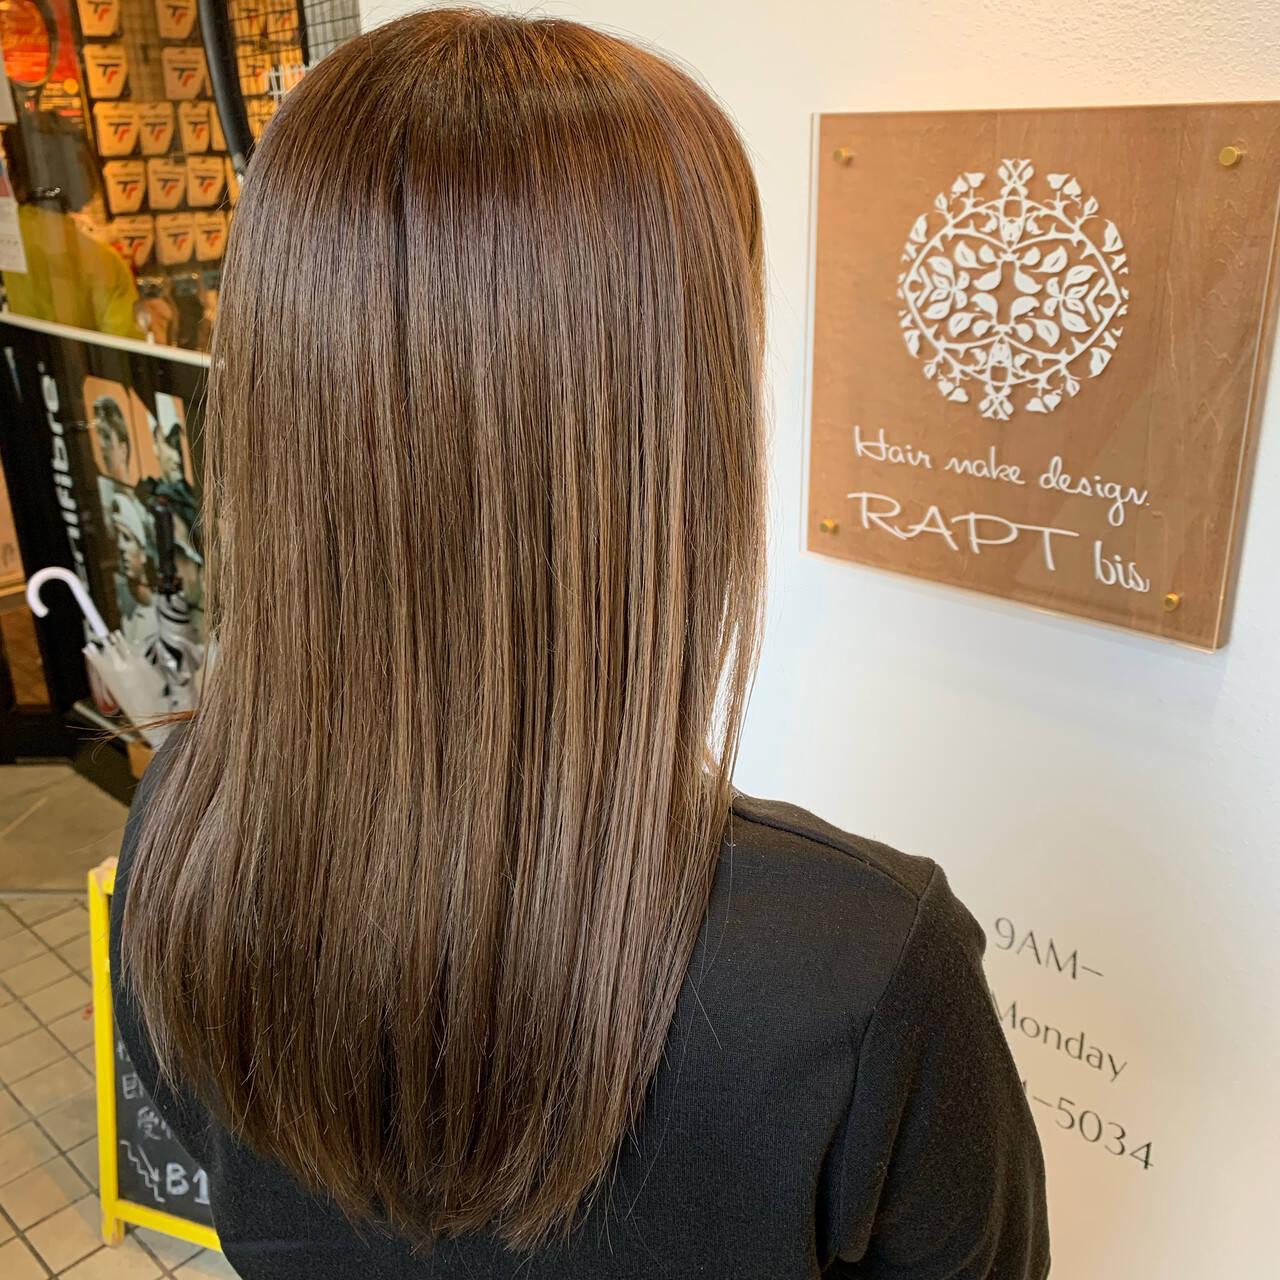 ベージュ ブラウンベージュ セミロング ミルクティーベージュヘアスタイルや髪型の写真・画像